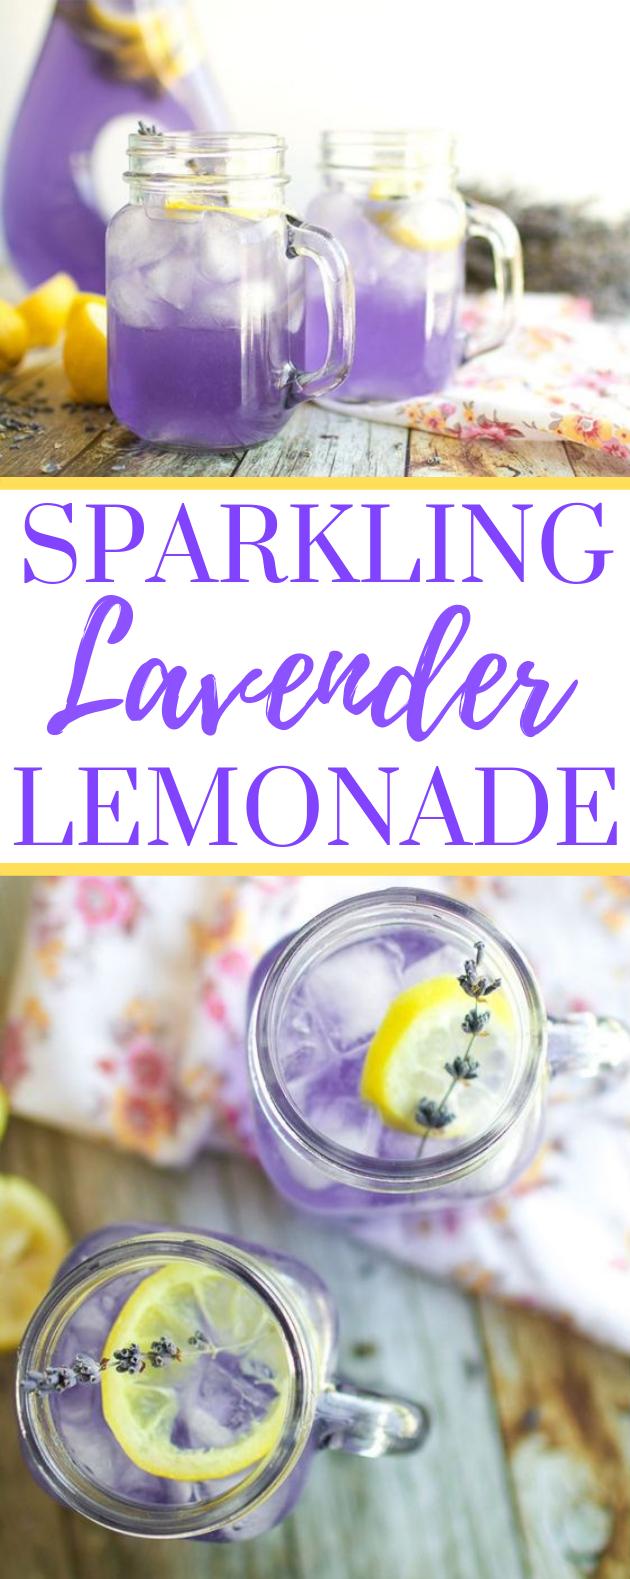 SPARKLING LAVENDER LEMONADE #drinks #freshdrink #summer #juice #sparkling